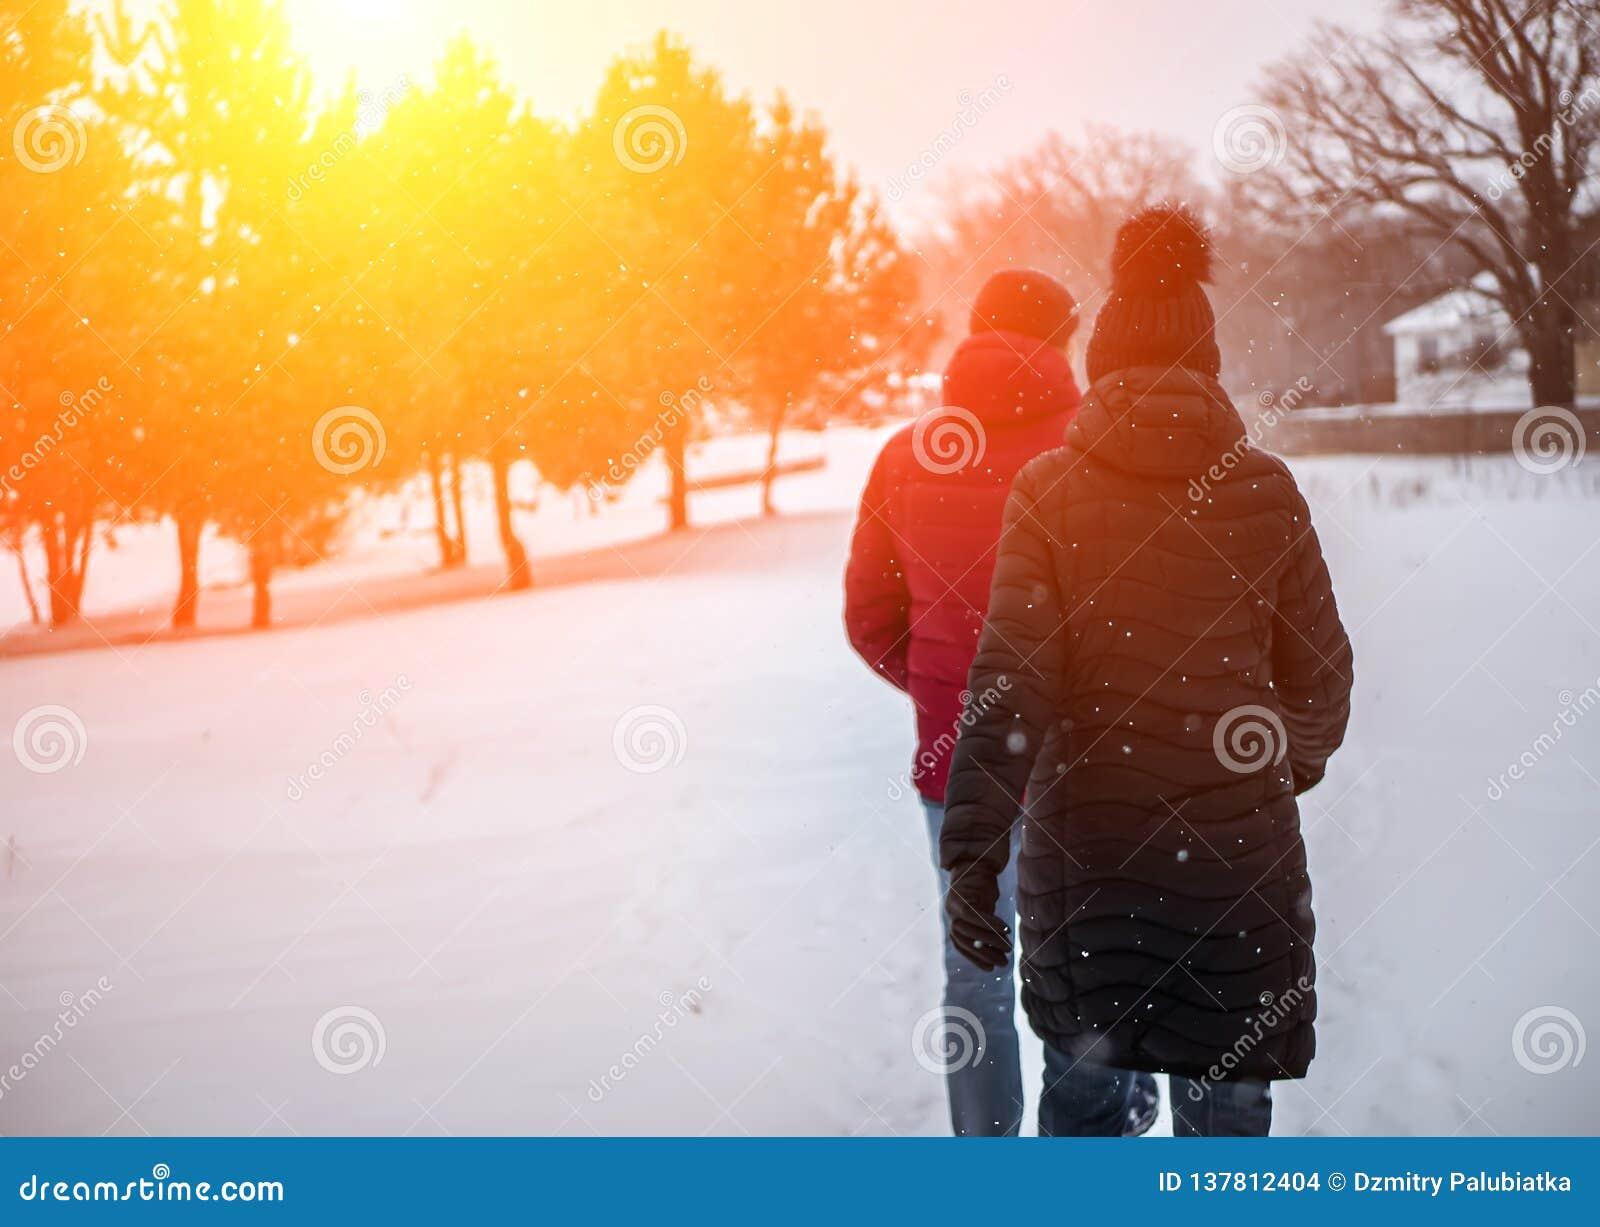 Μερικοί άνθρωποι περπατούν στο χειμερινό πάρκο